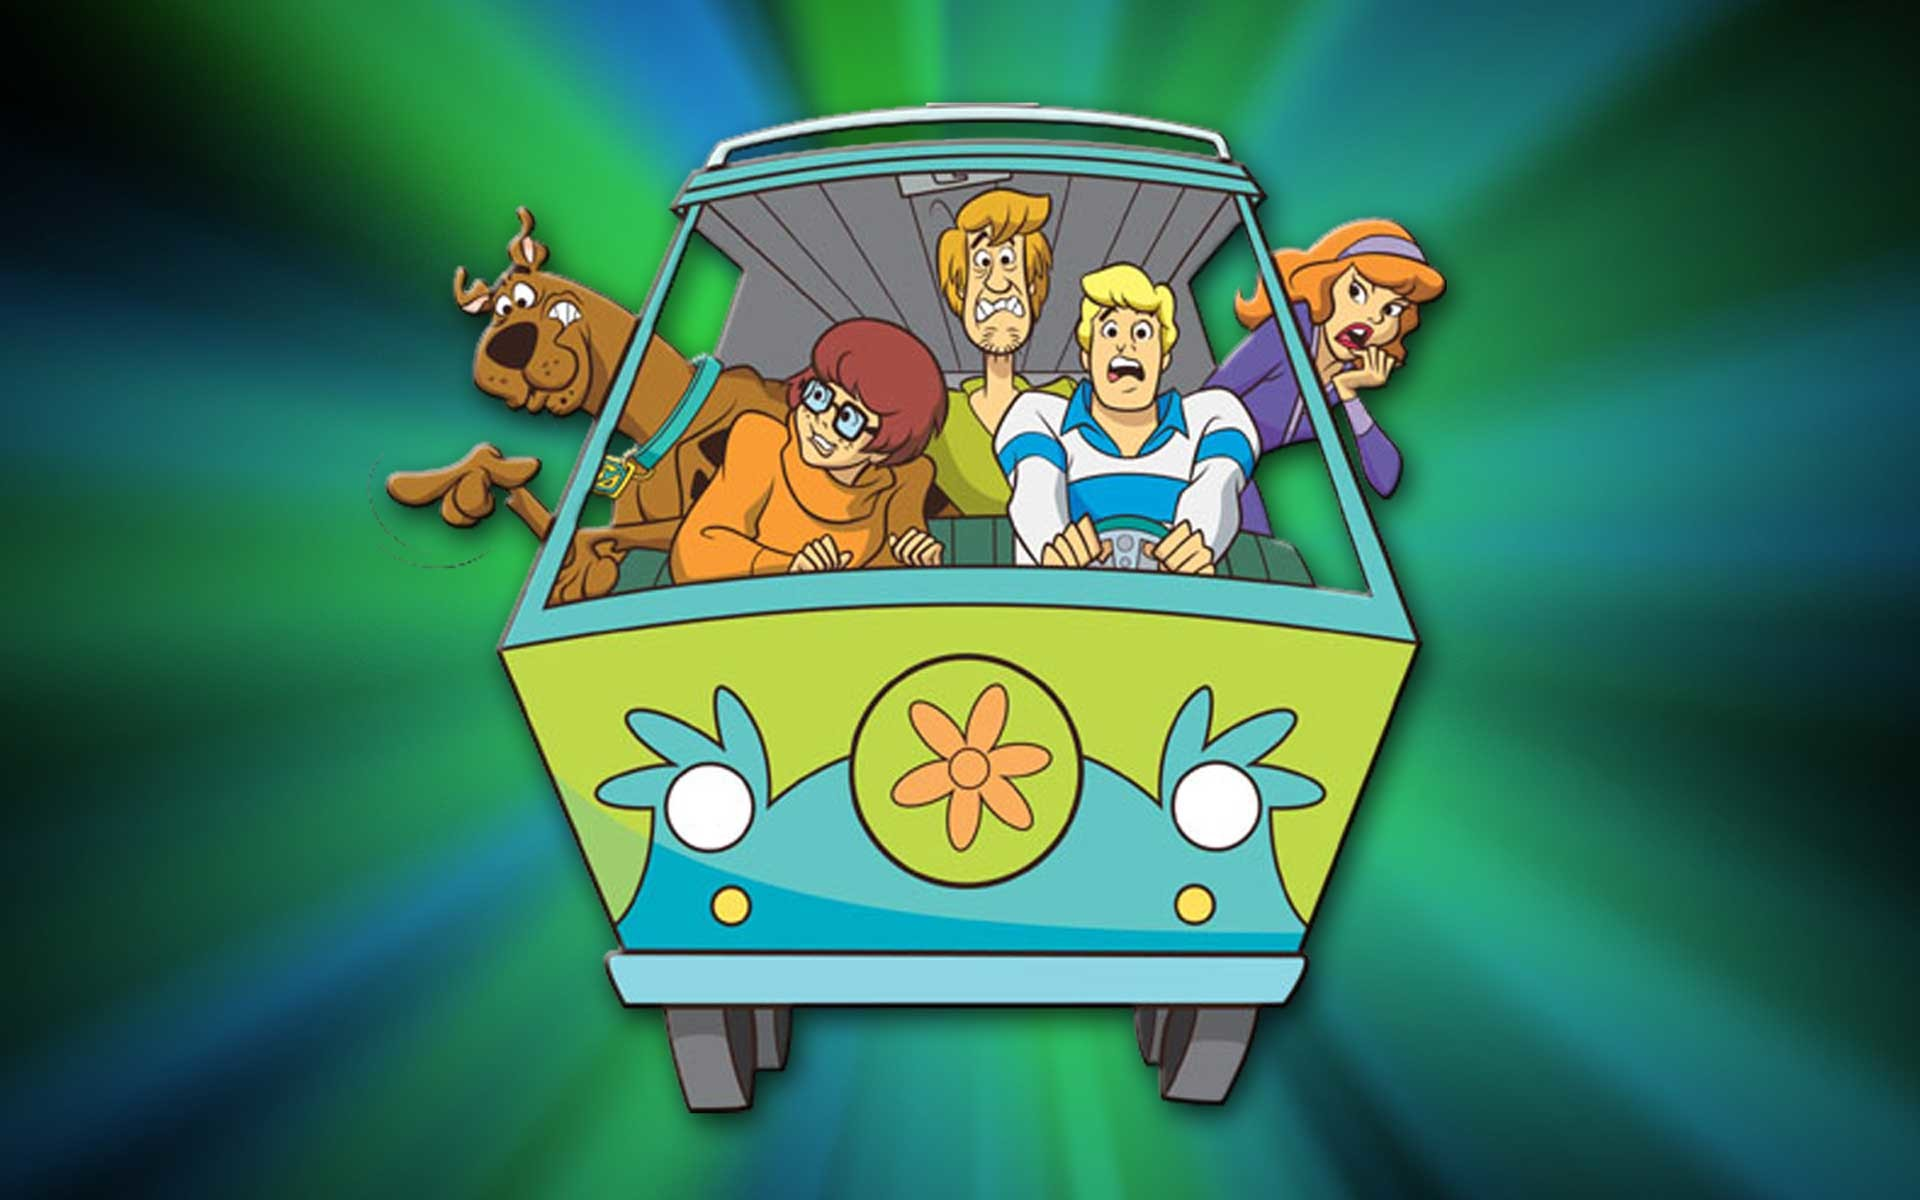 Cool Wallpaper Halloween Scooby Doo - 504094-free-download-scooby-doo-wallpaper-1920x1200-for-macbook  Snapshot_3853.jpg